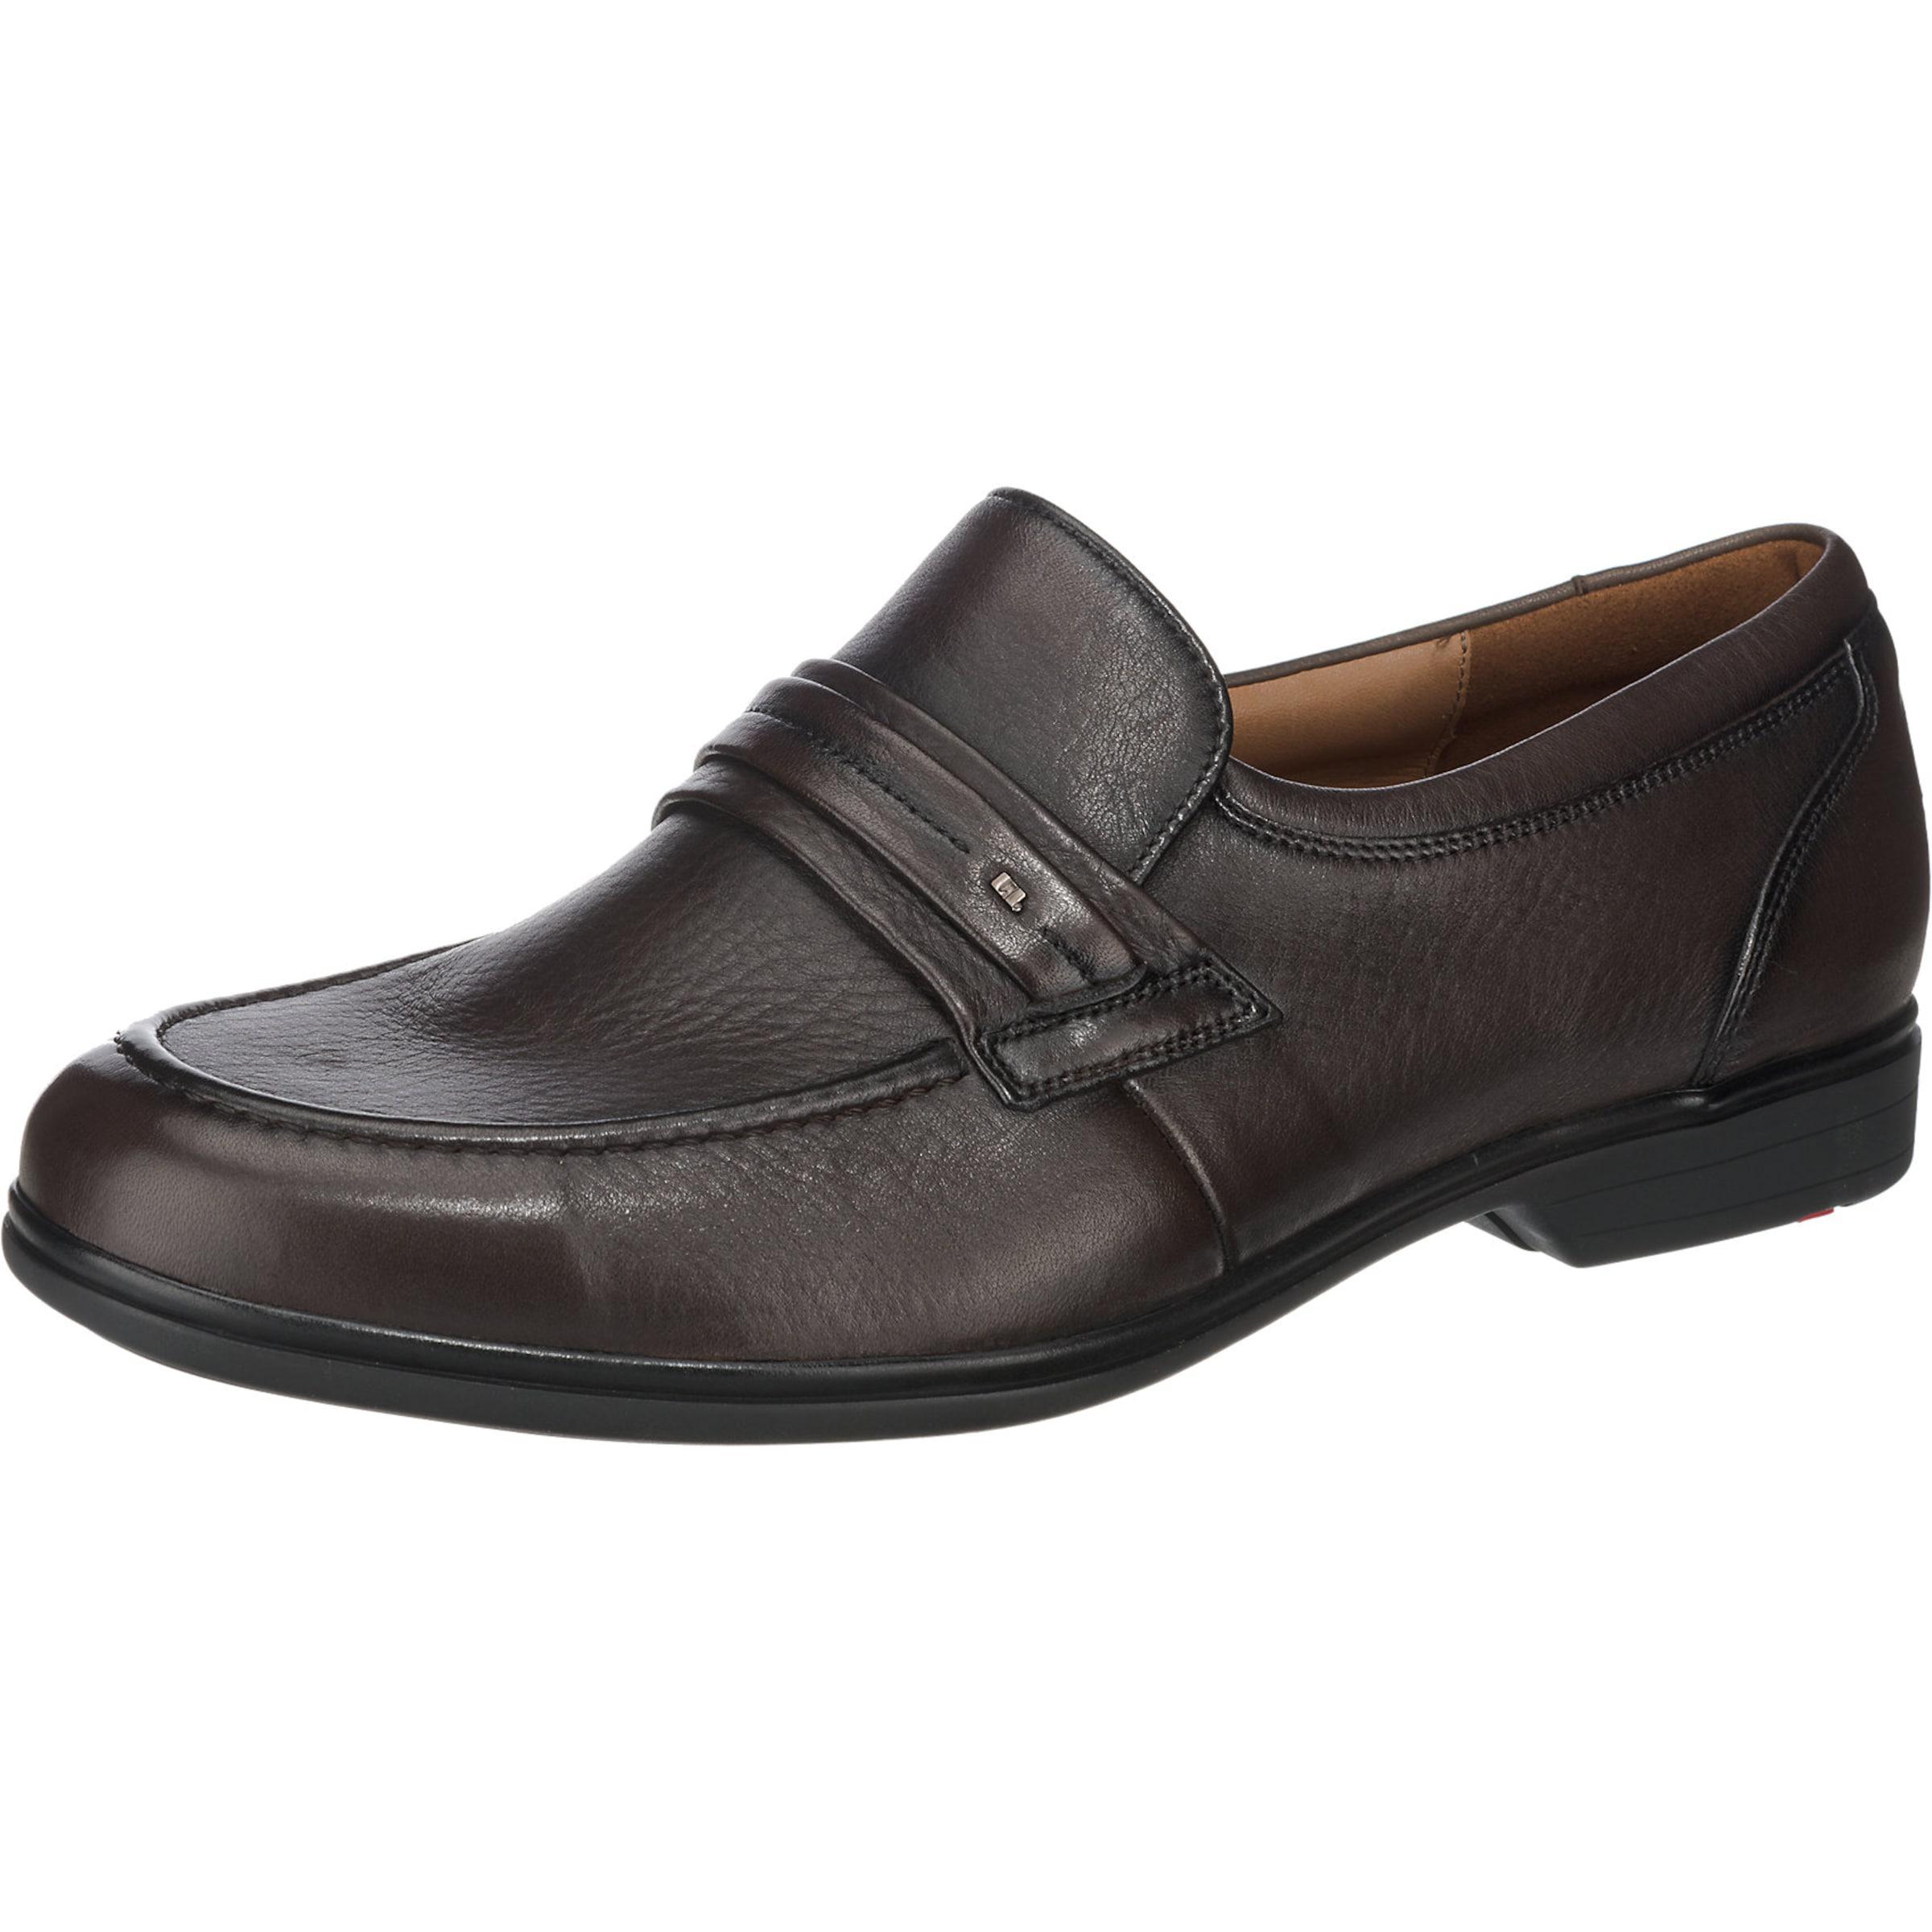 LLOYD ROBIN Klassische Slipper Günstige und langlebige Schuhe